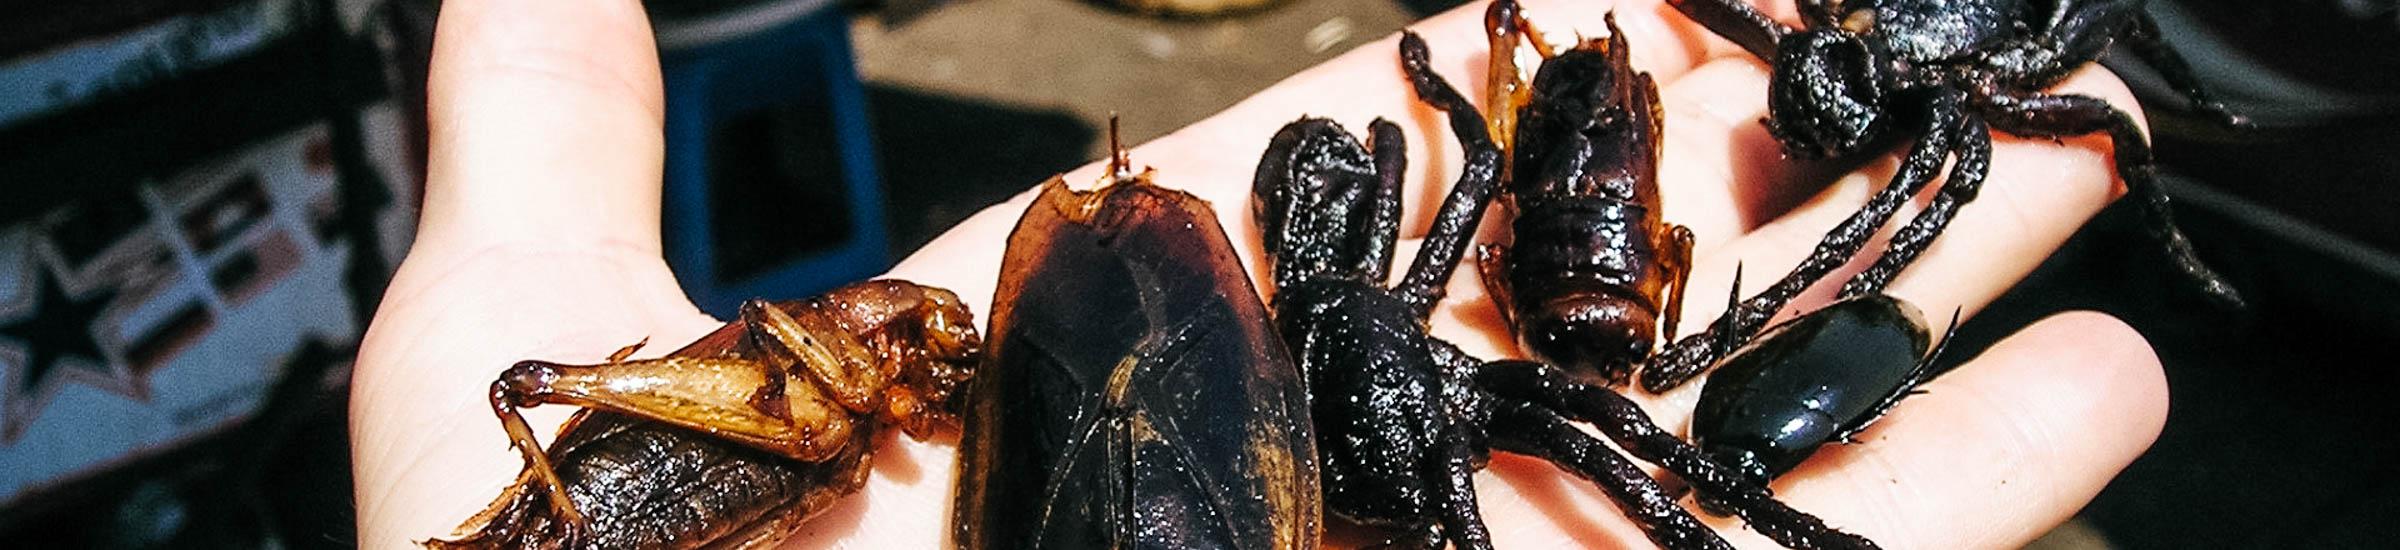 Insekten auf der Hand